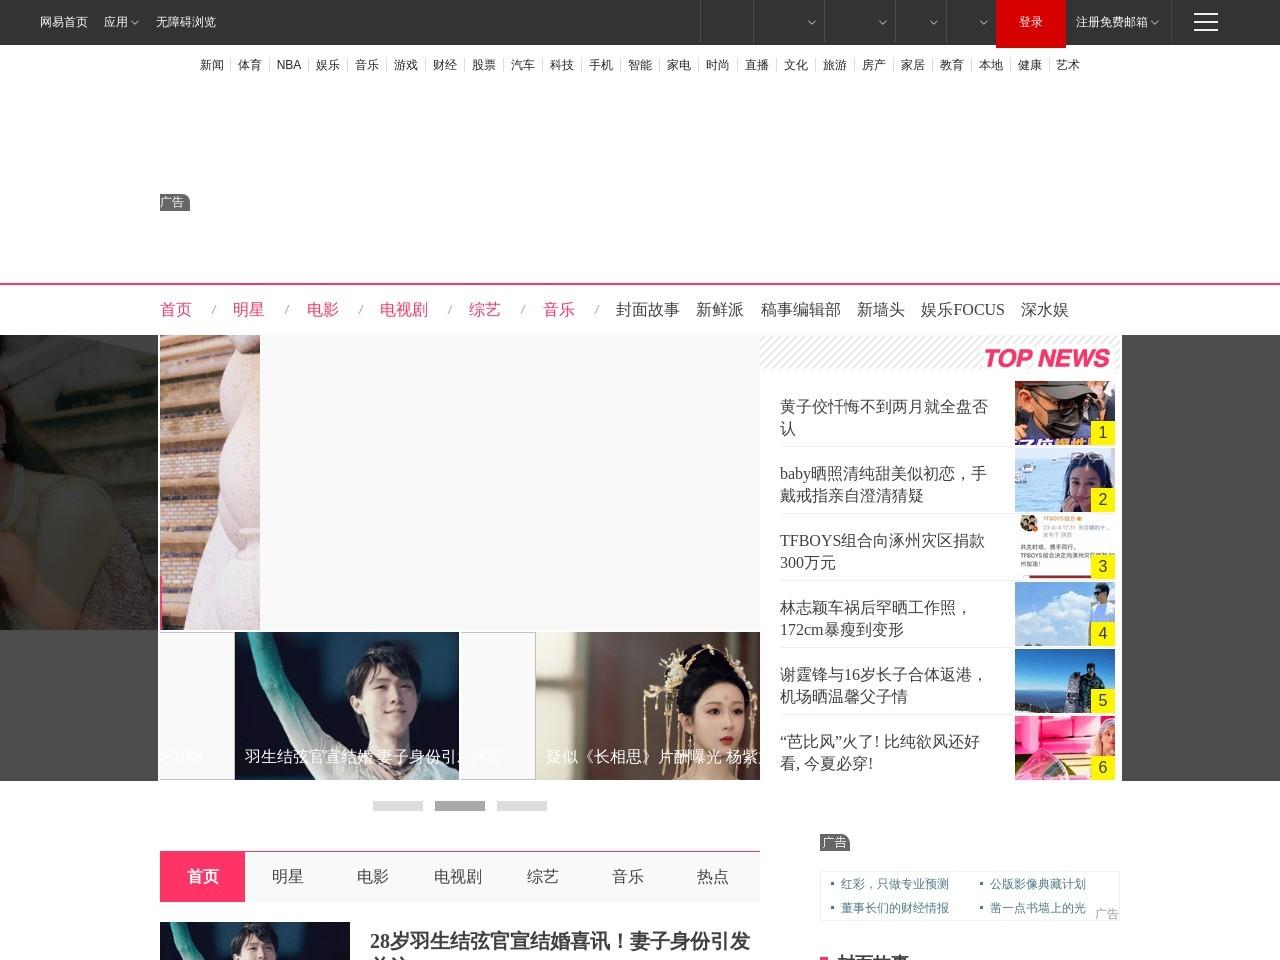 郑嘉颖小22岁娇妻穿花裙 长腿迷人V脸抢镜_网易娱乐